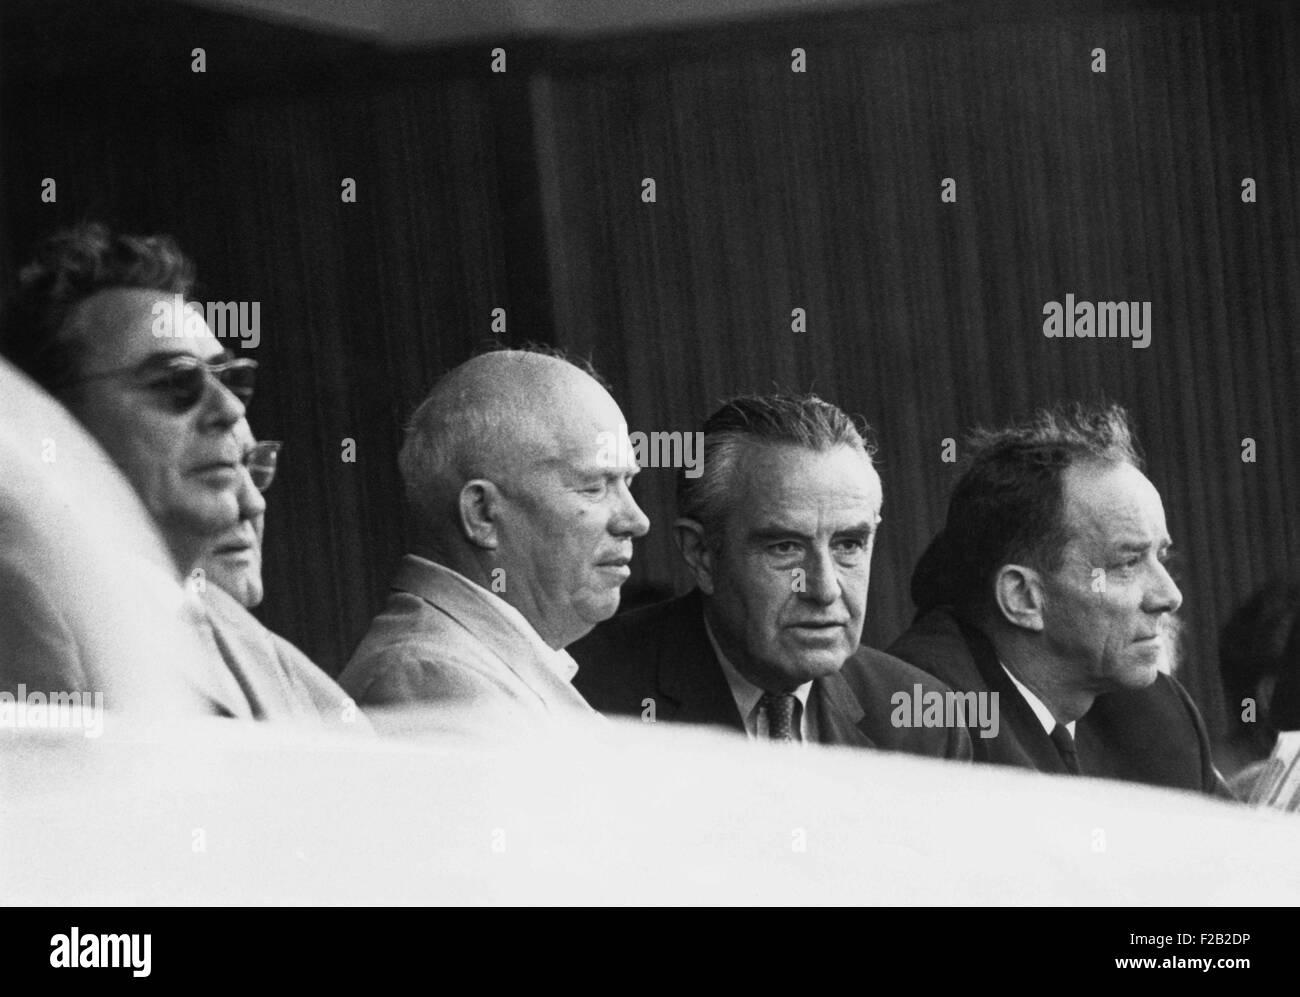 Trattato di interdizione completa degli esperimenti nucleari colloqui in corso, 21 luglio 1963. Il Premier sovietico Immagini Stock